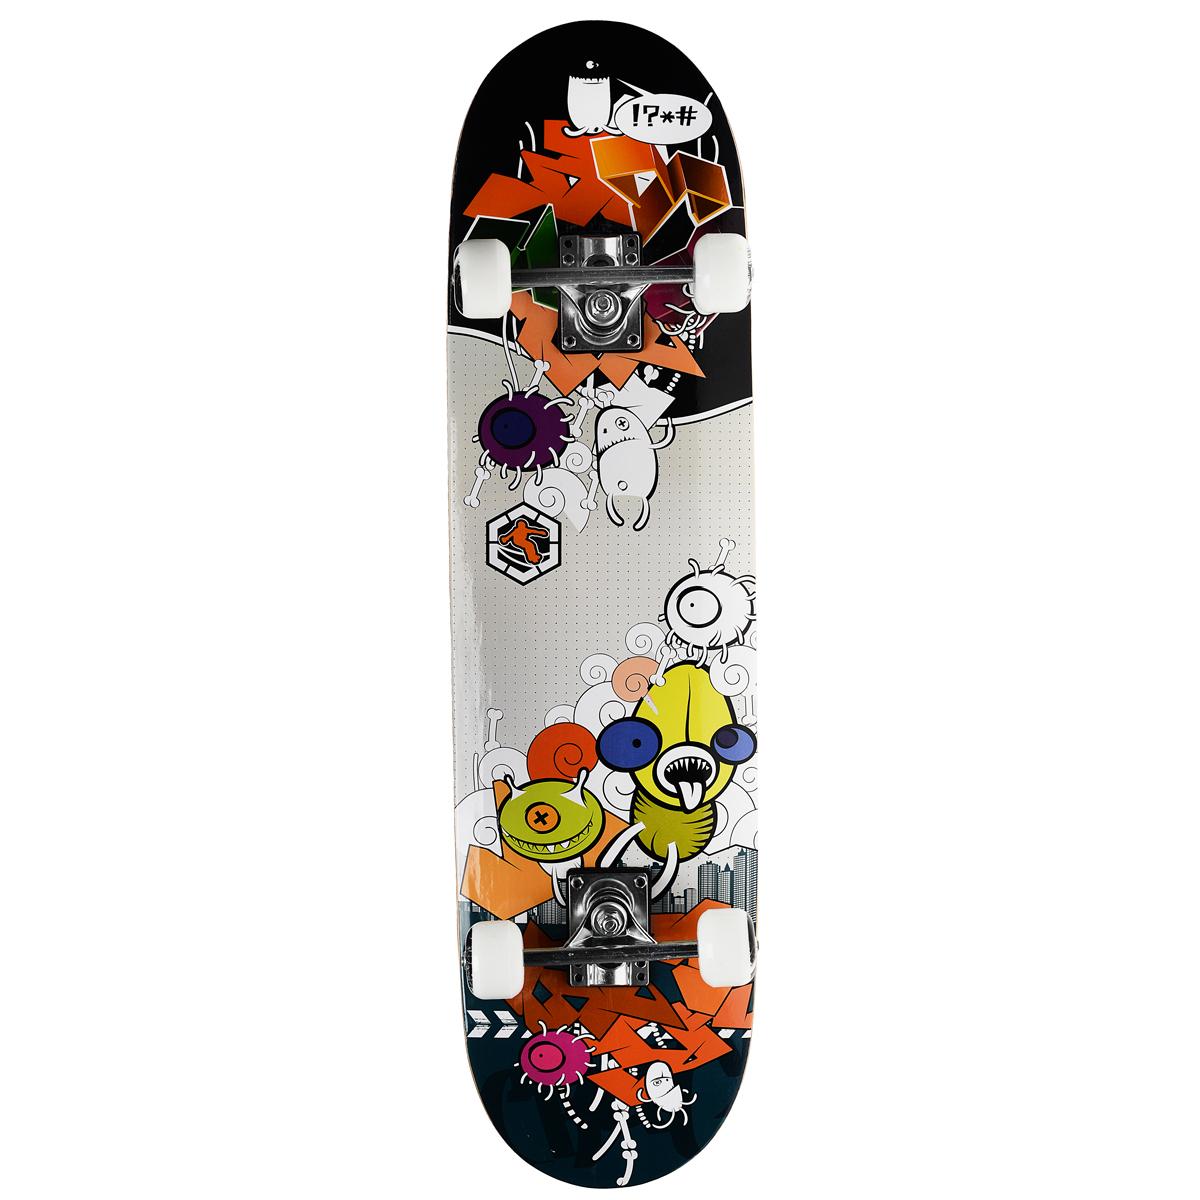 Скейтборд MaxCity Crank, цветной принт, дека 79 см х 20 смRA-Cкейтборды MaxCity - это самый подходящий вариант для начинающих скейтбордистов и просто любителей. Качественные материалы изготовления дадут вам полностью ощутить удовольствие от катания, а надежные комплектующие позволят выполнять несложные трюки без риска повредить доску. MaxCity - это качество по приемлемой цене.Нижняя часть деки украшена оригинальным рисунком.